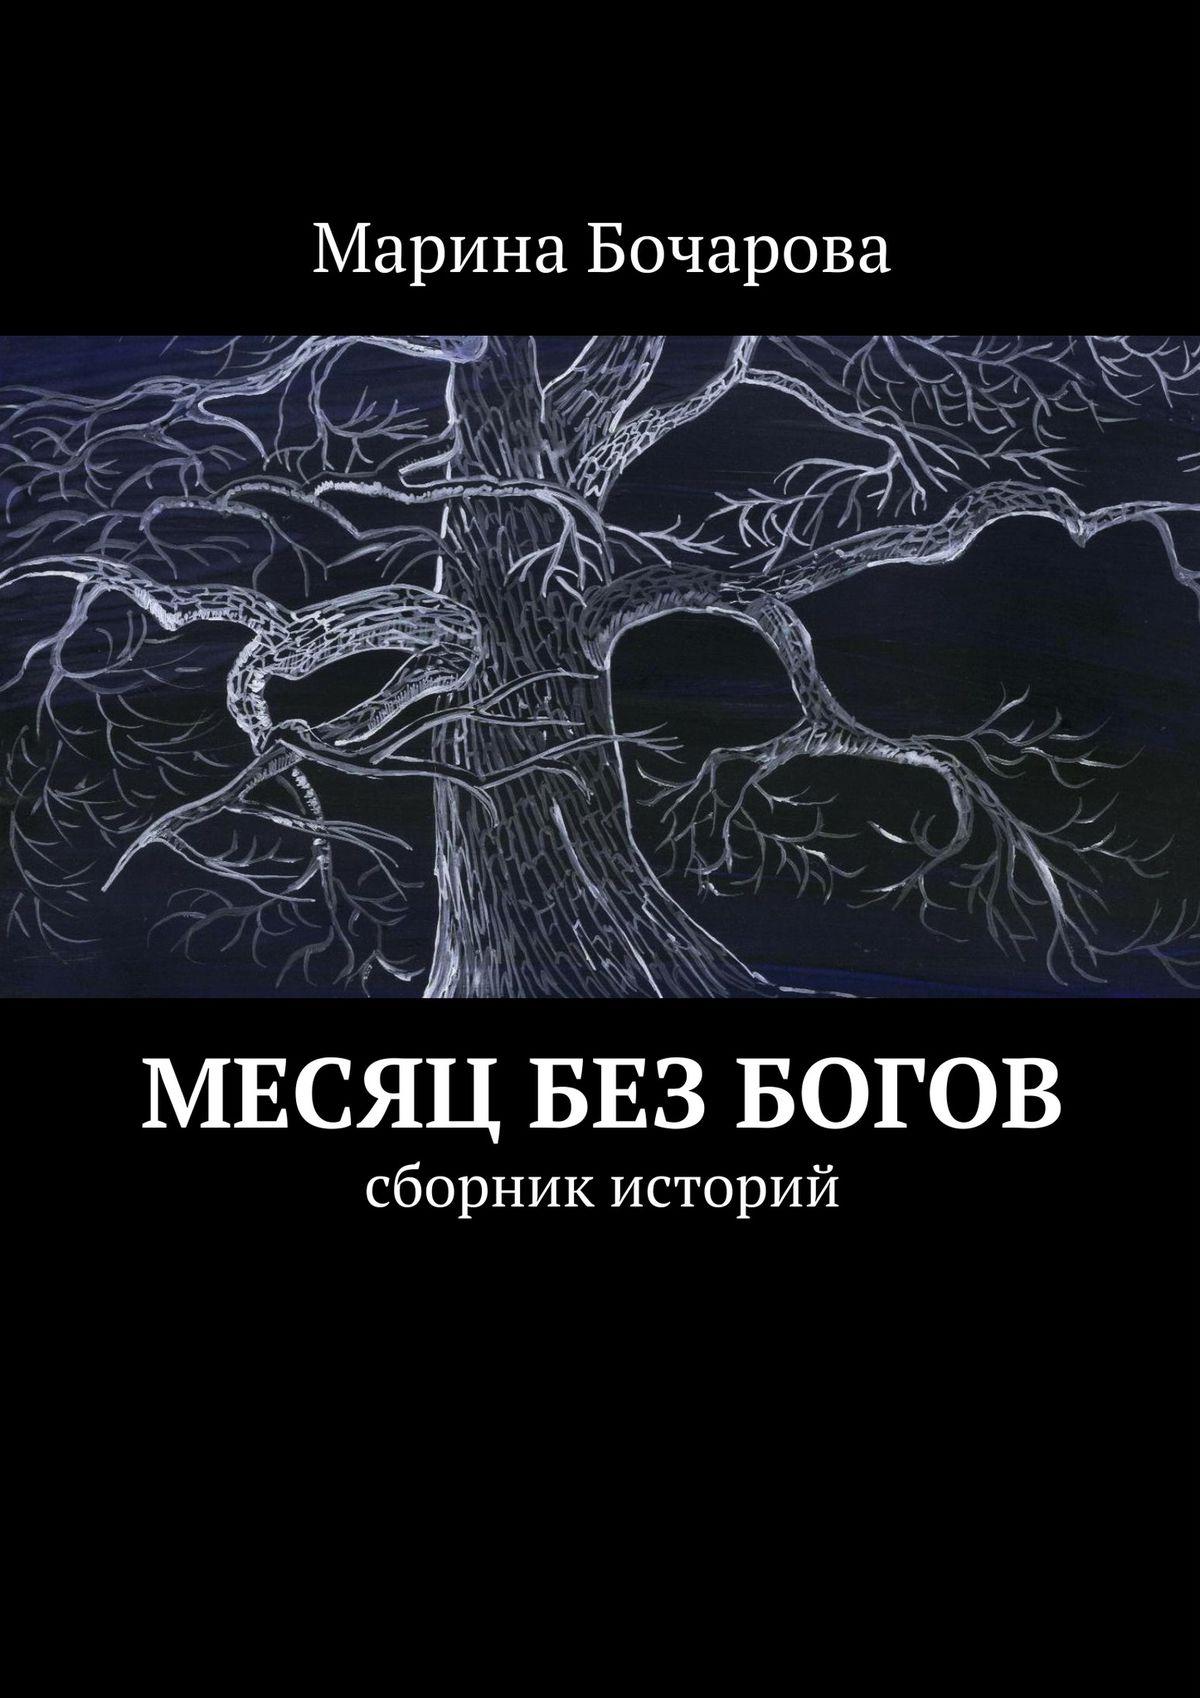 Марина Бочарова Месяц без богов марина бочарова повесть огомункуле фэнтези роман